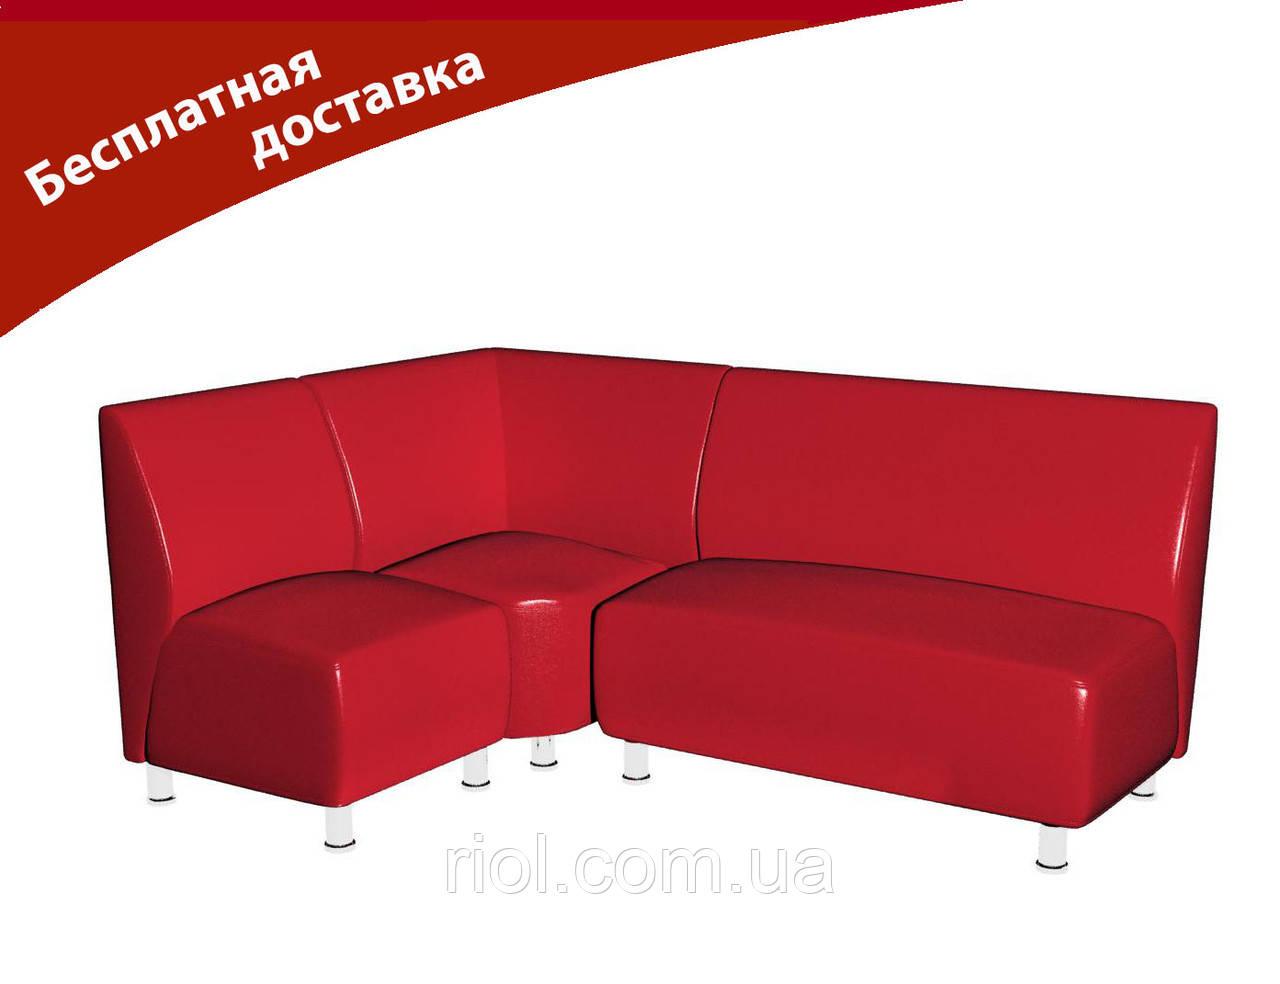 Комплект мягкой мебели для офиса и кафе красный